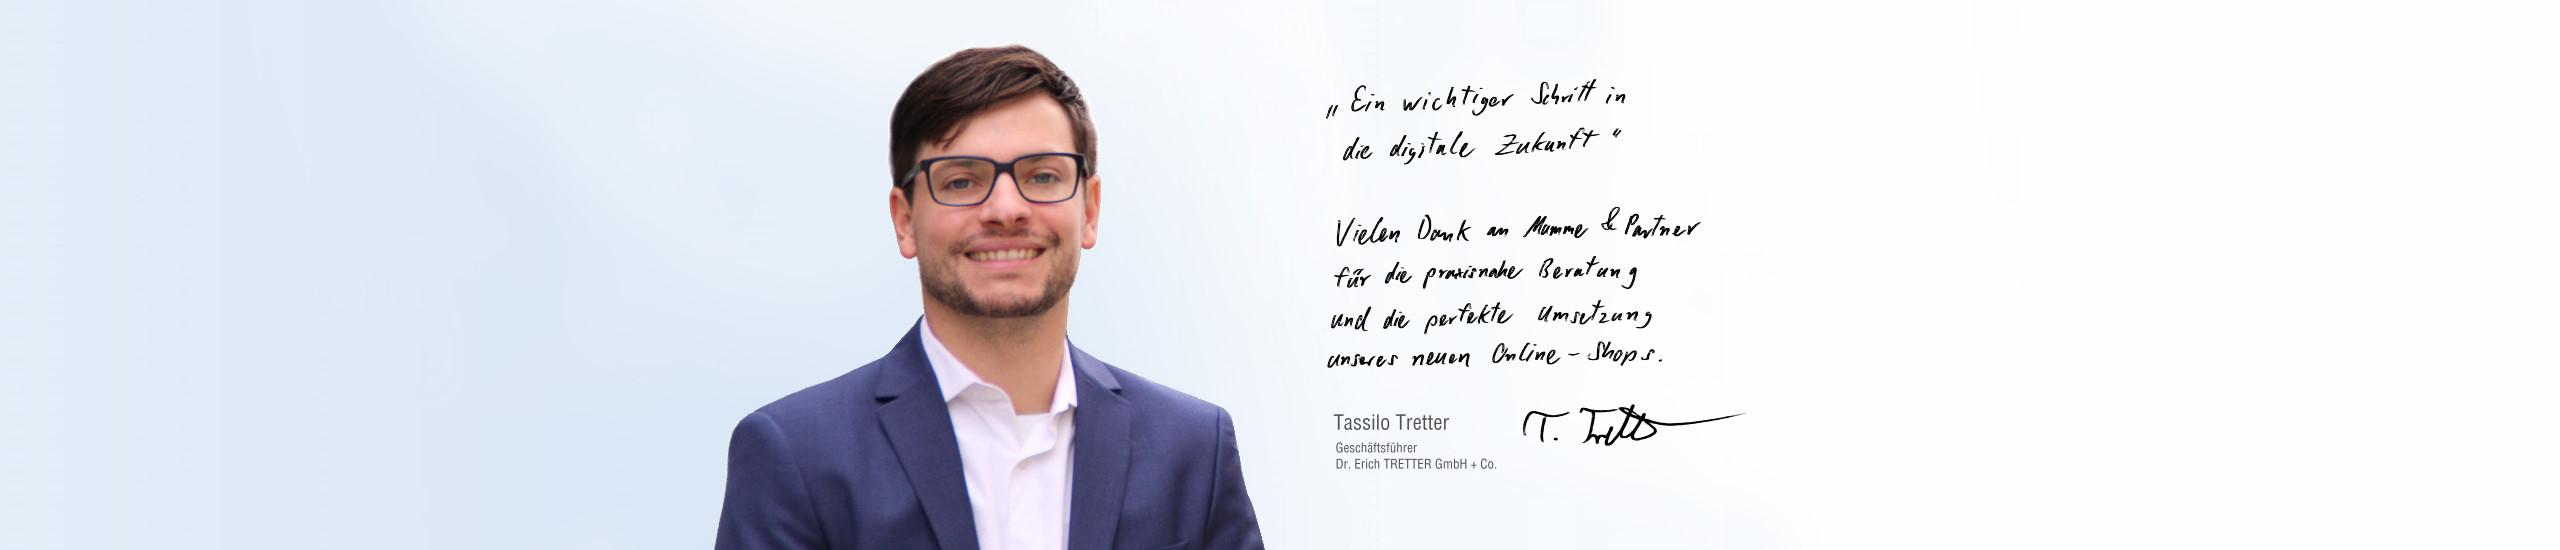 referenz_dr-tretter